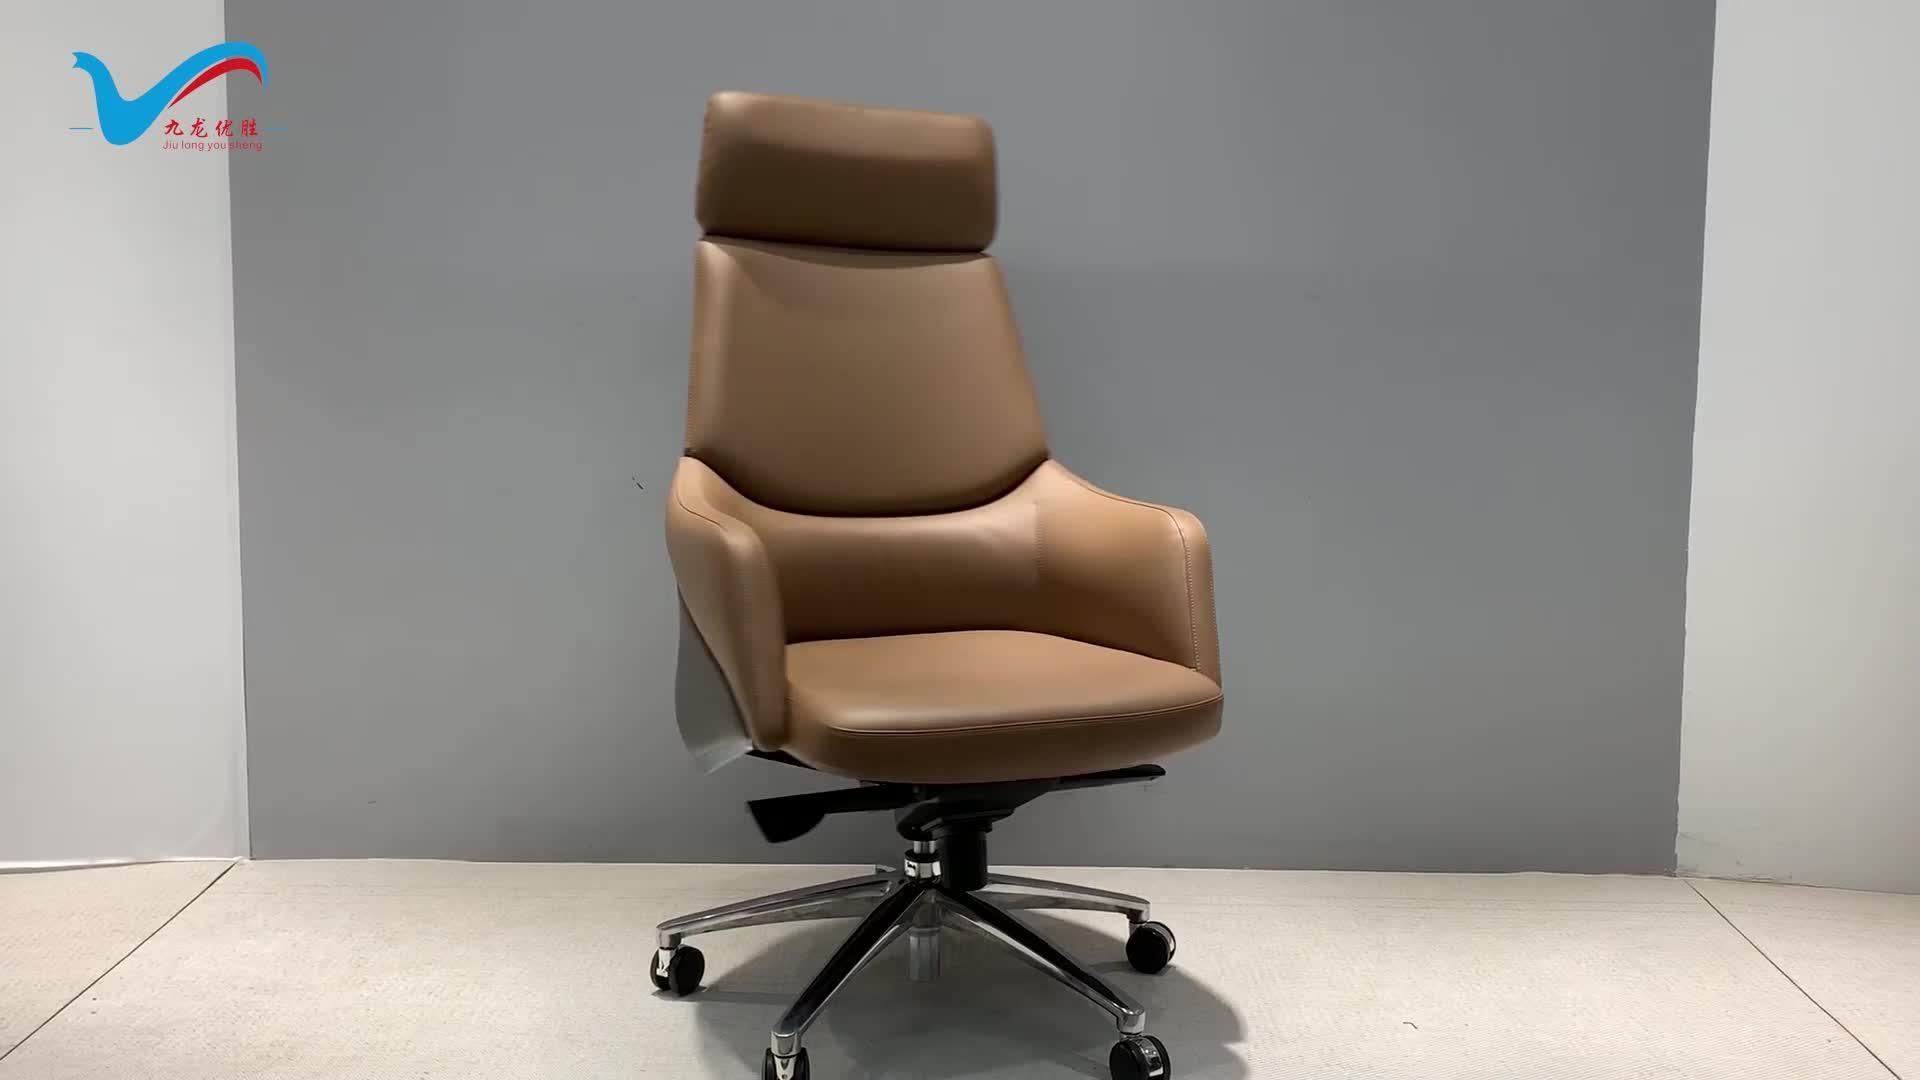 Ergonomic leather PU office 방문자 자 YS1523C 가죽 대회 컵 청 자 대 한 미. 팅 룸